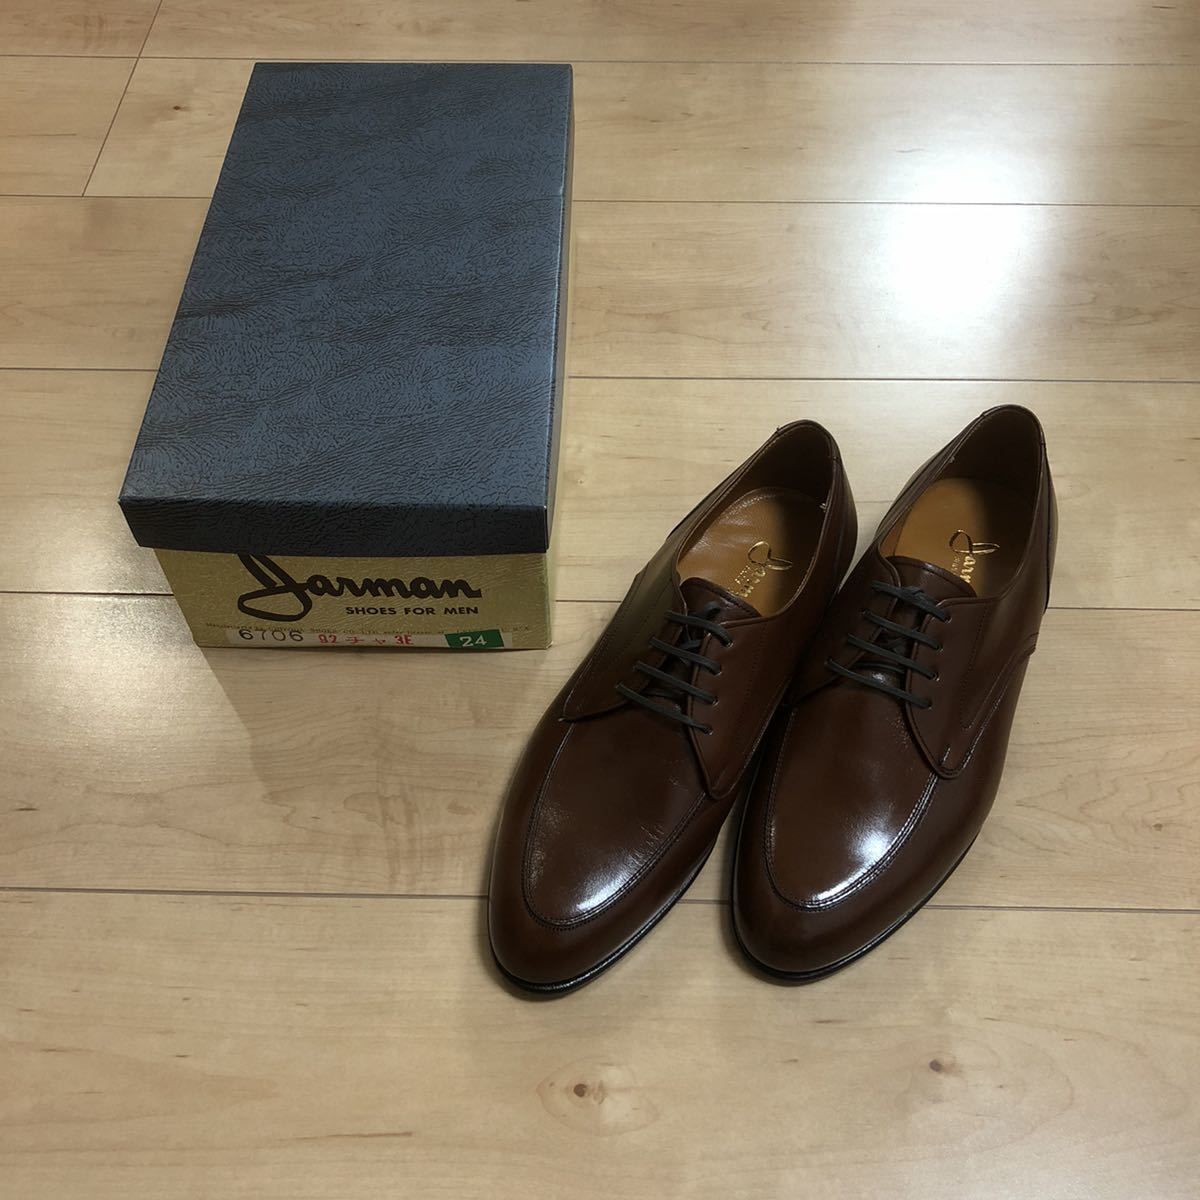 【デッドストック】ビンテージ 箱付き JARMAN ジャーマン Uチップシューズ 革靴 レザー シューズ